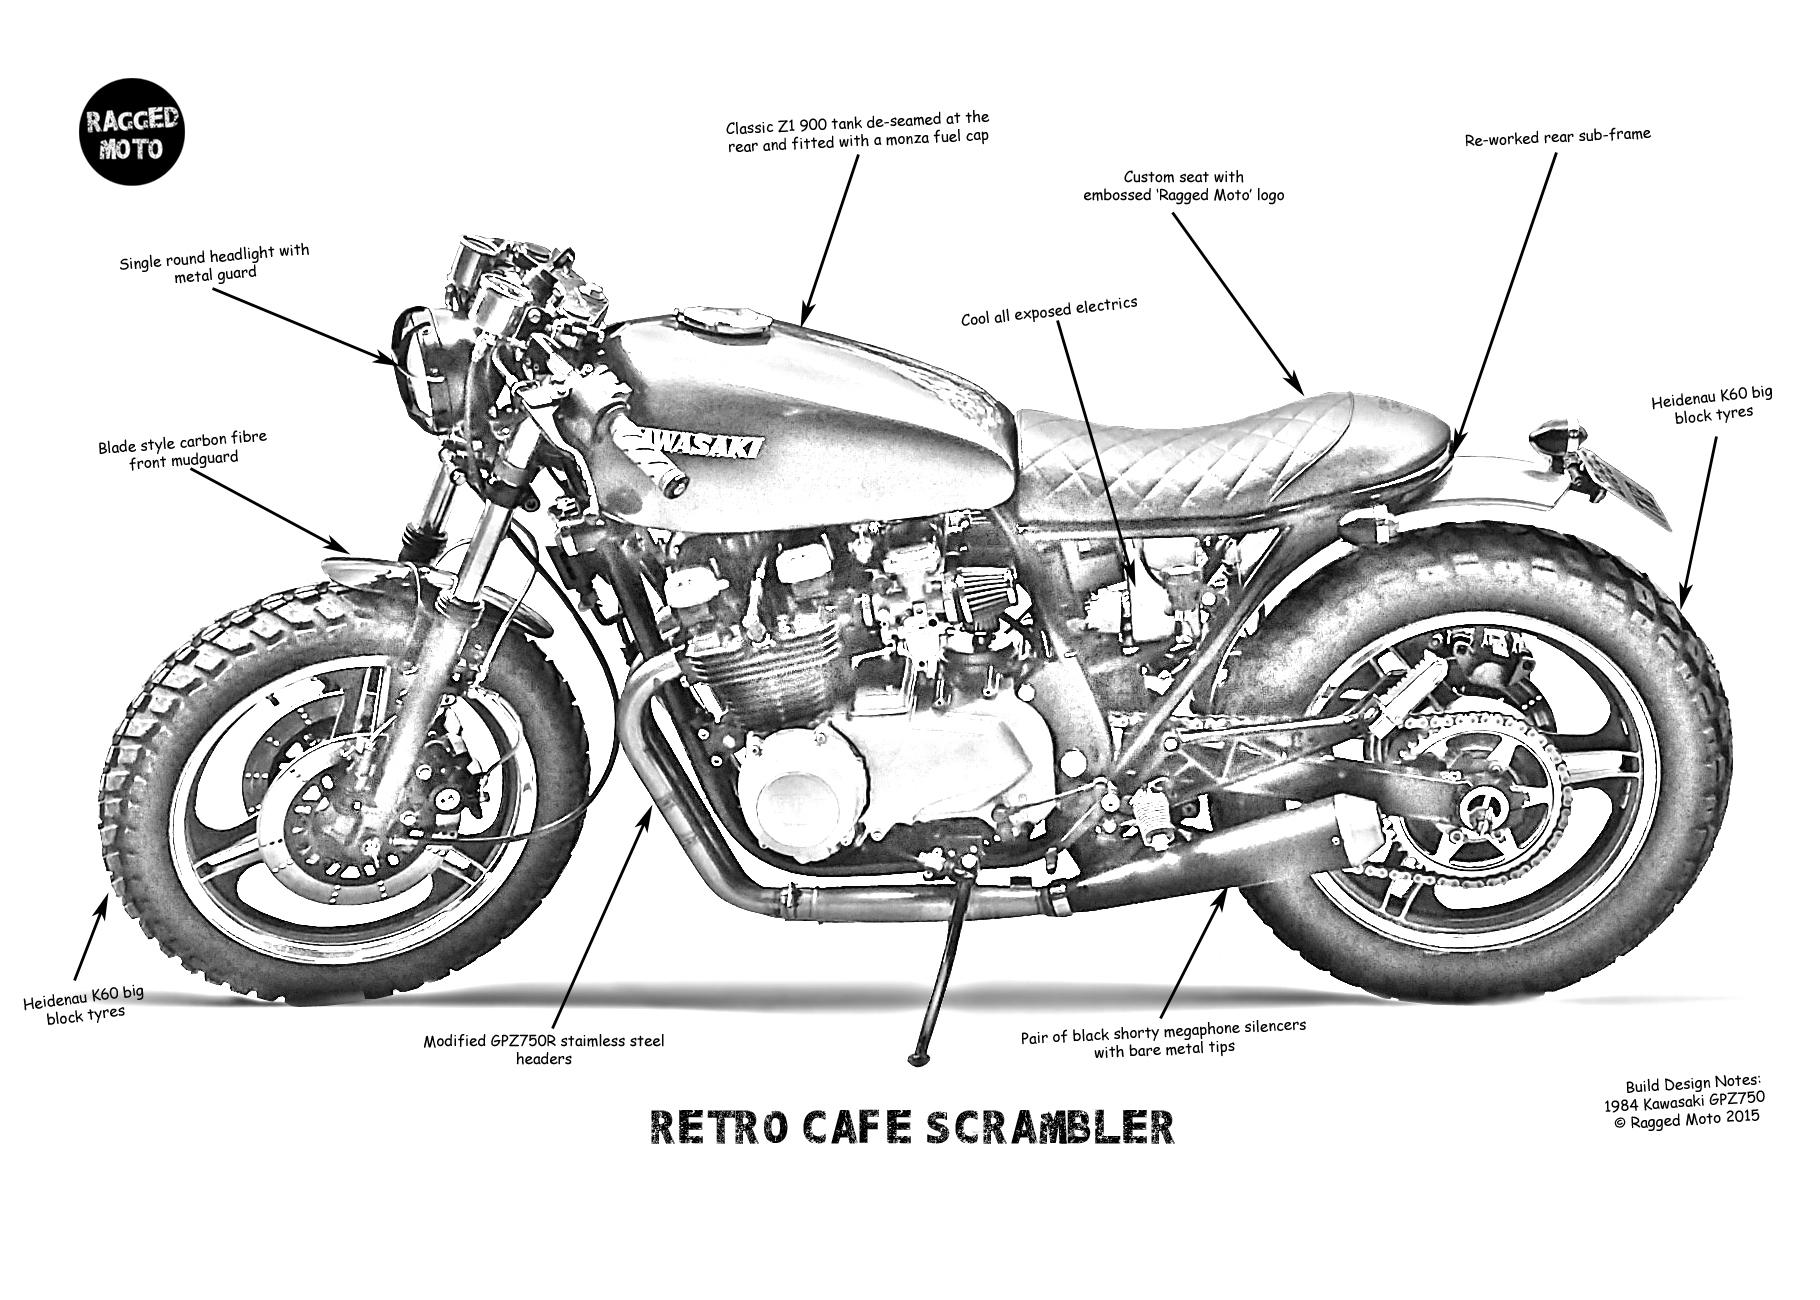 Kawasaki Gpz750 Retro